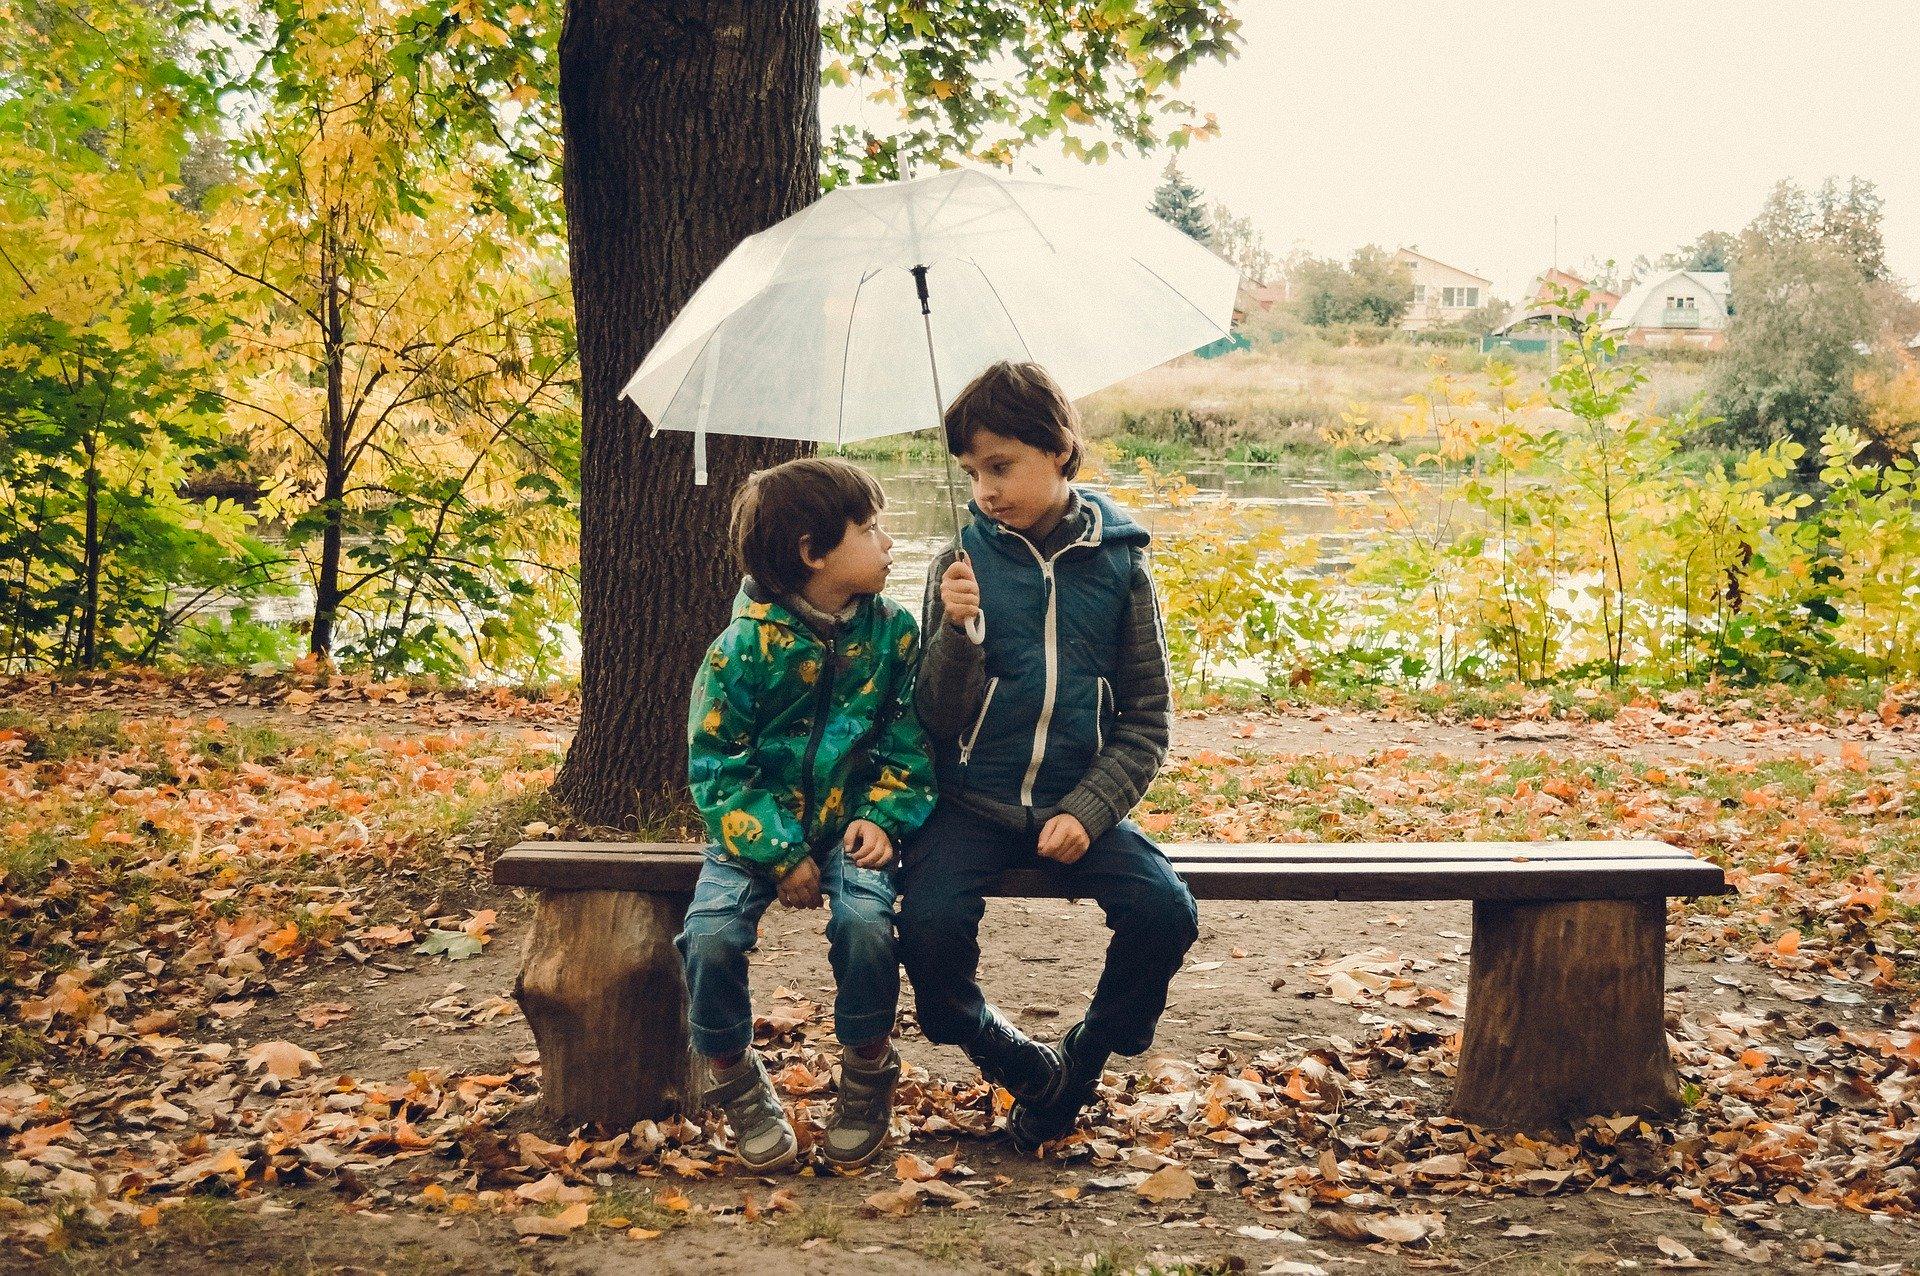 umbrella-4505248_1920